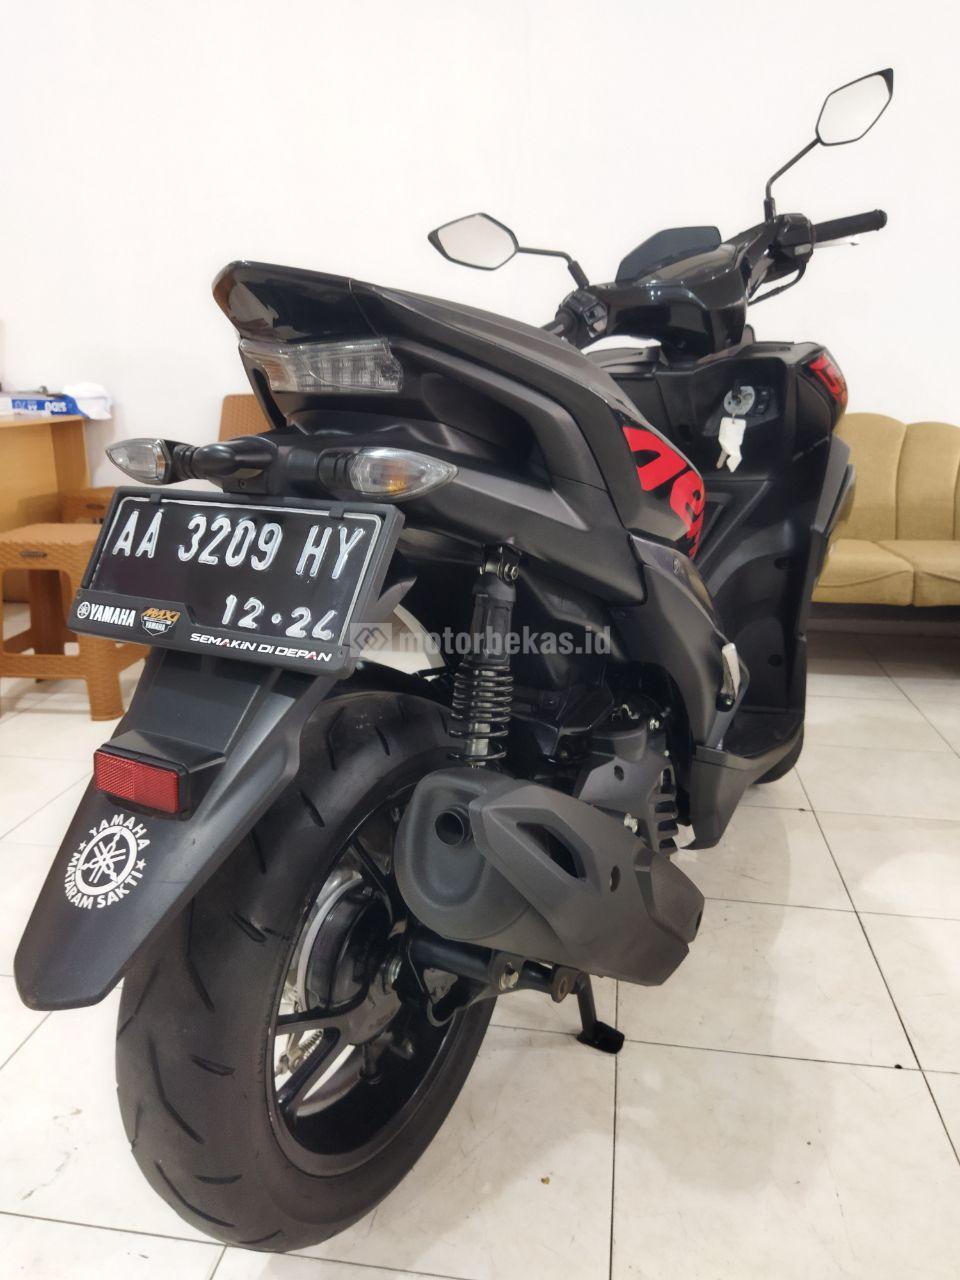 YAMAHA AEROX 155  2148 motorbekas.id